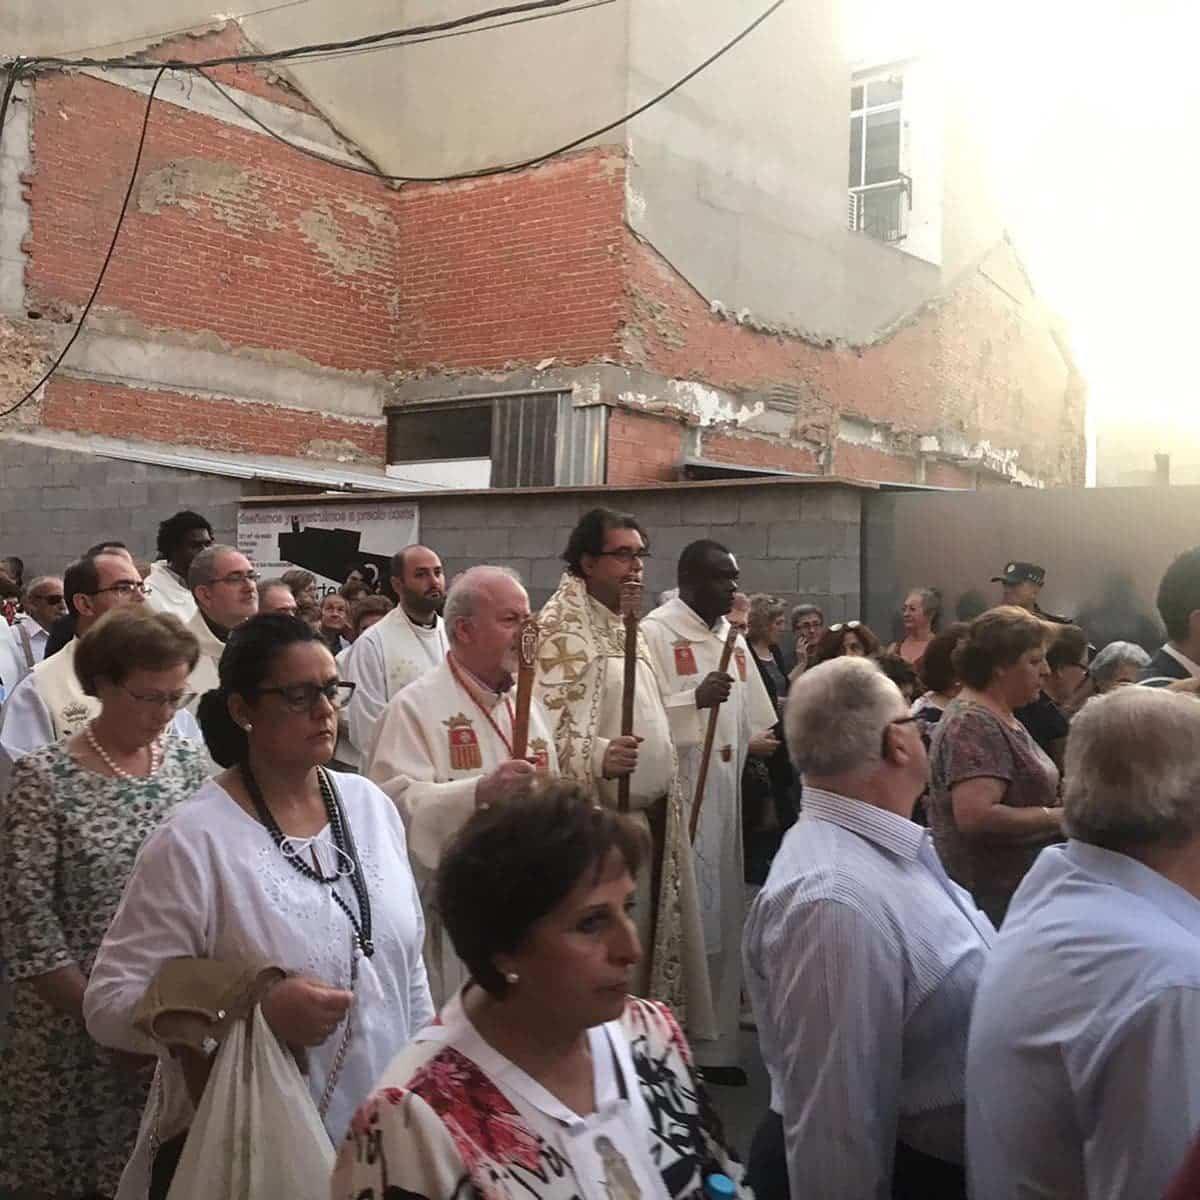 Magna procesión de nuestra Santísima Madre cierra la Feria y Fiestas herenciana 21